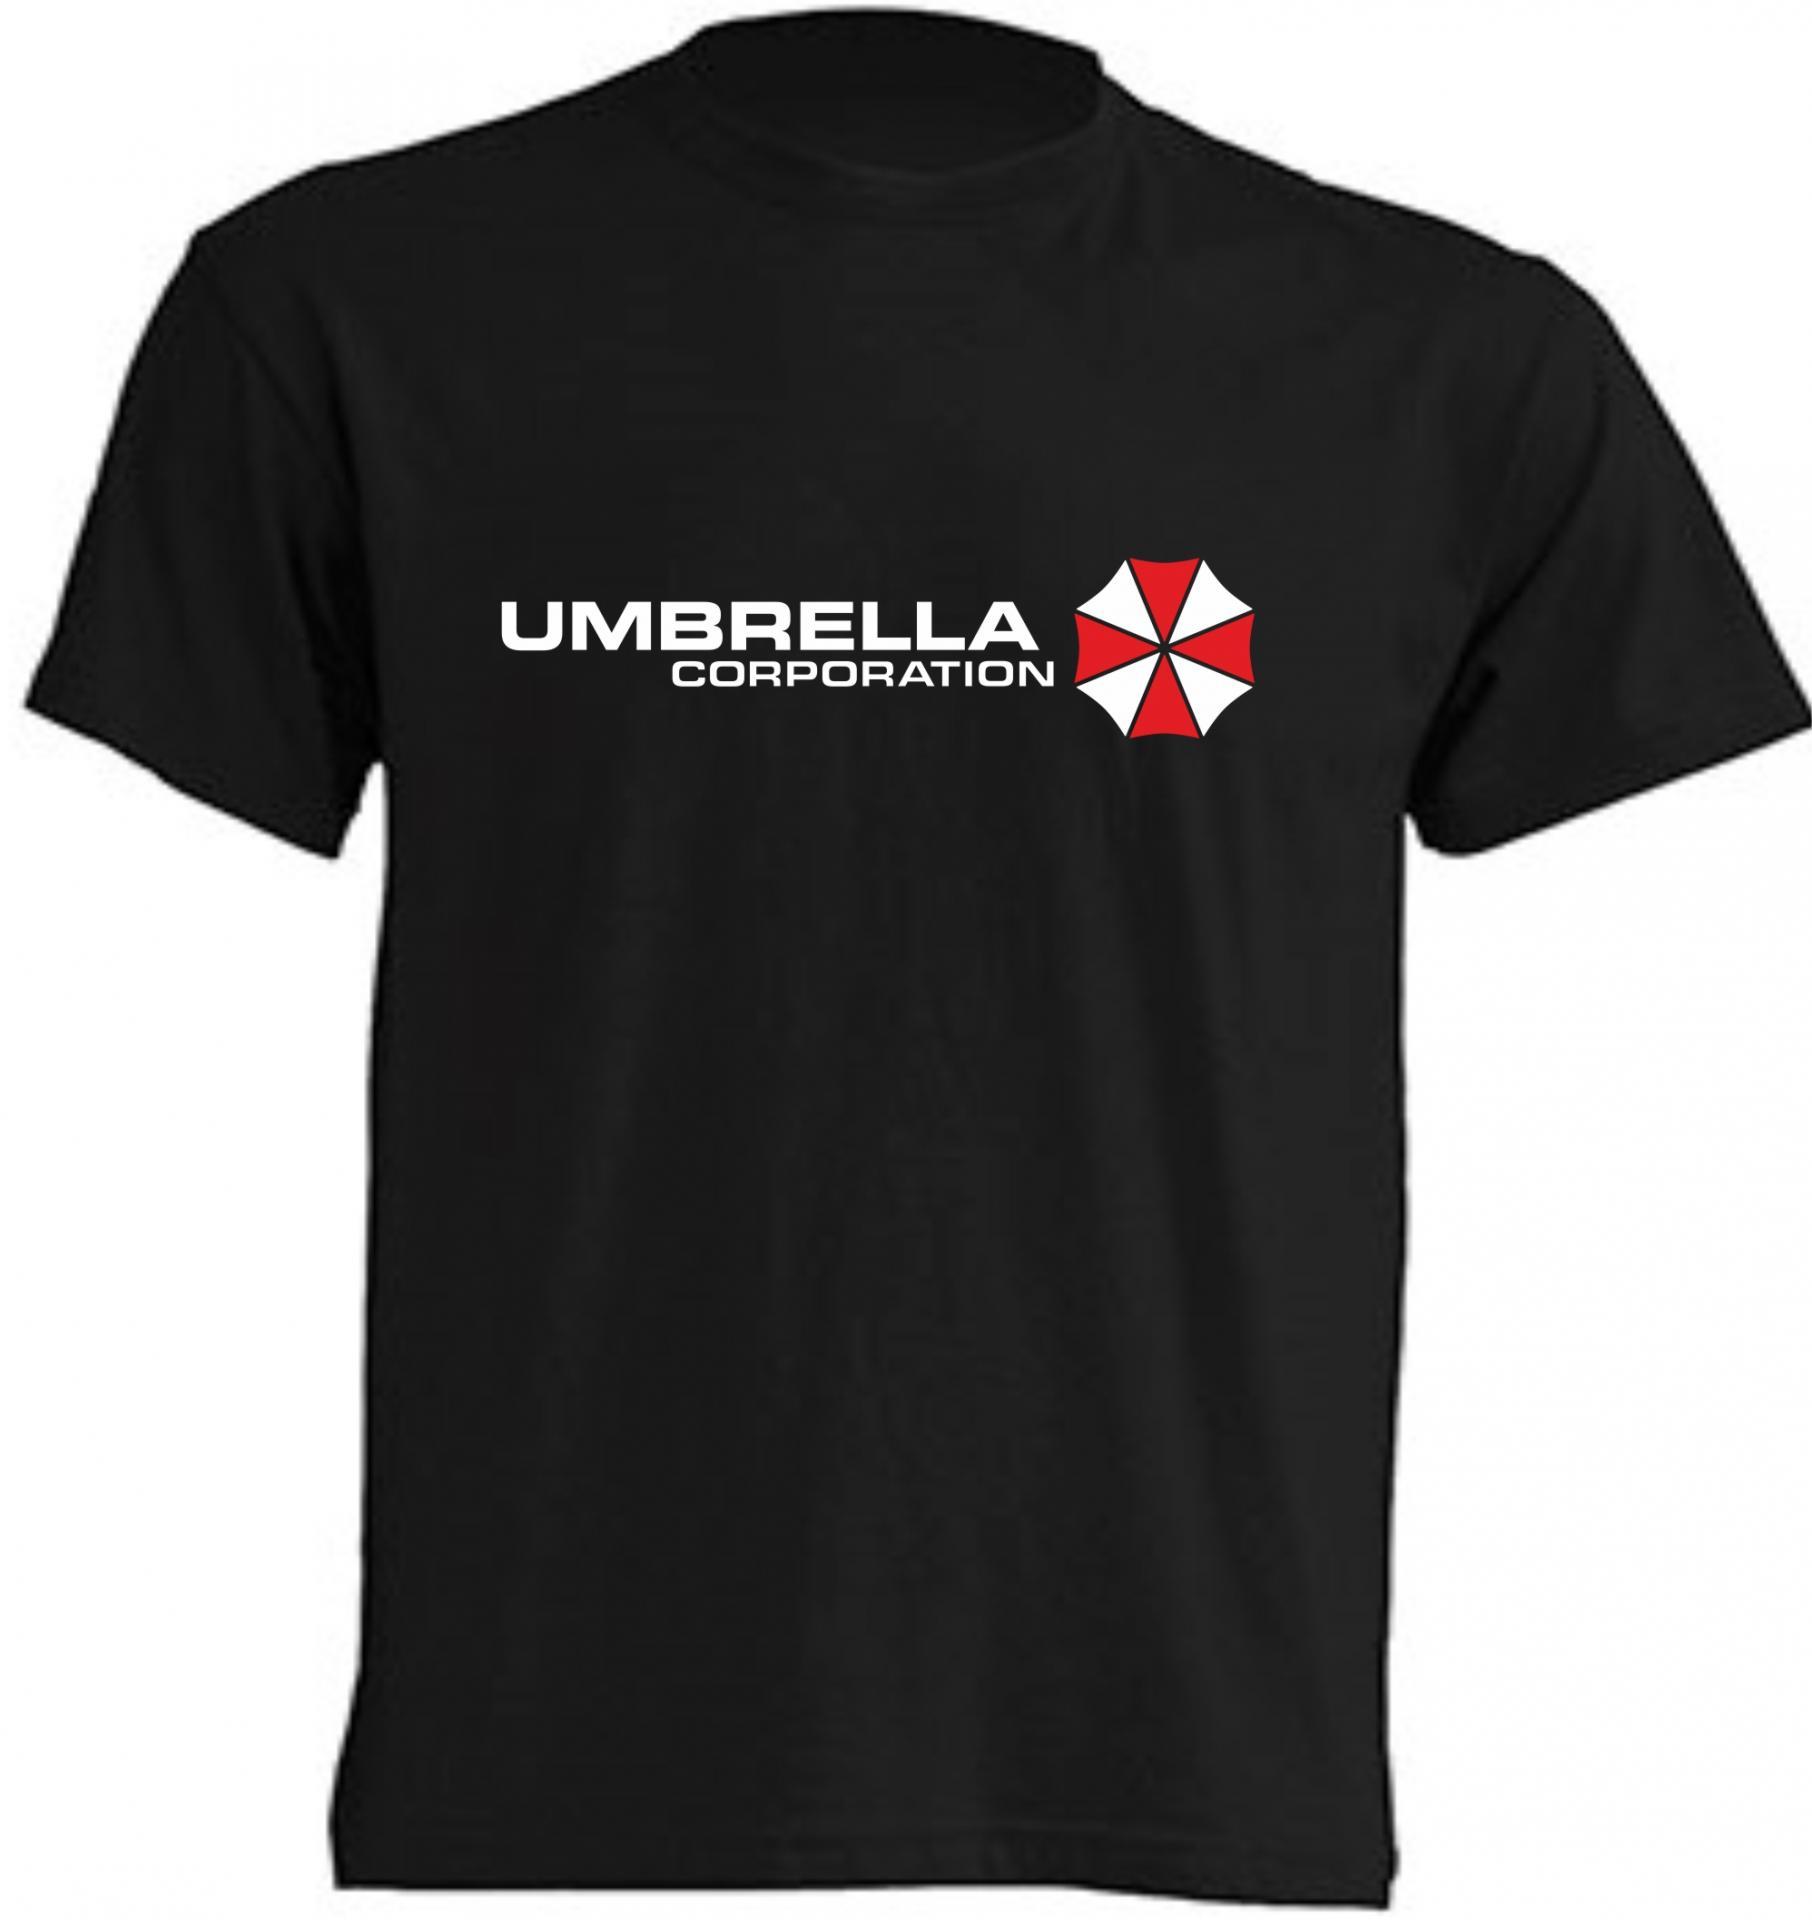 CAMISETA UMBRELLA CORPORATION